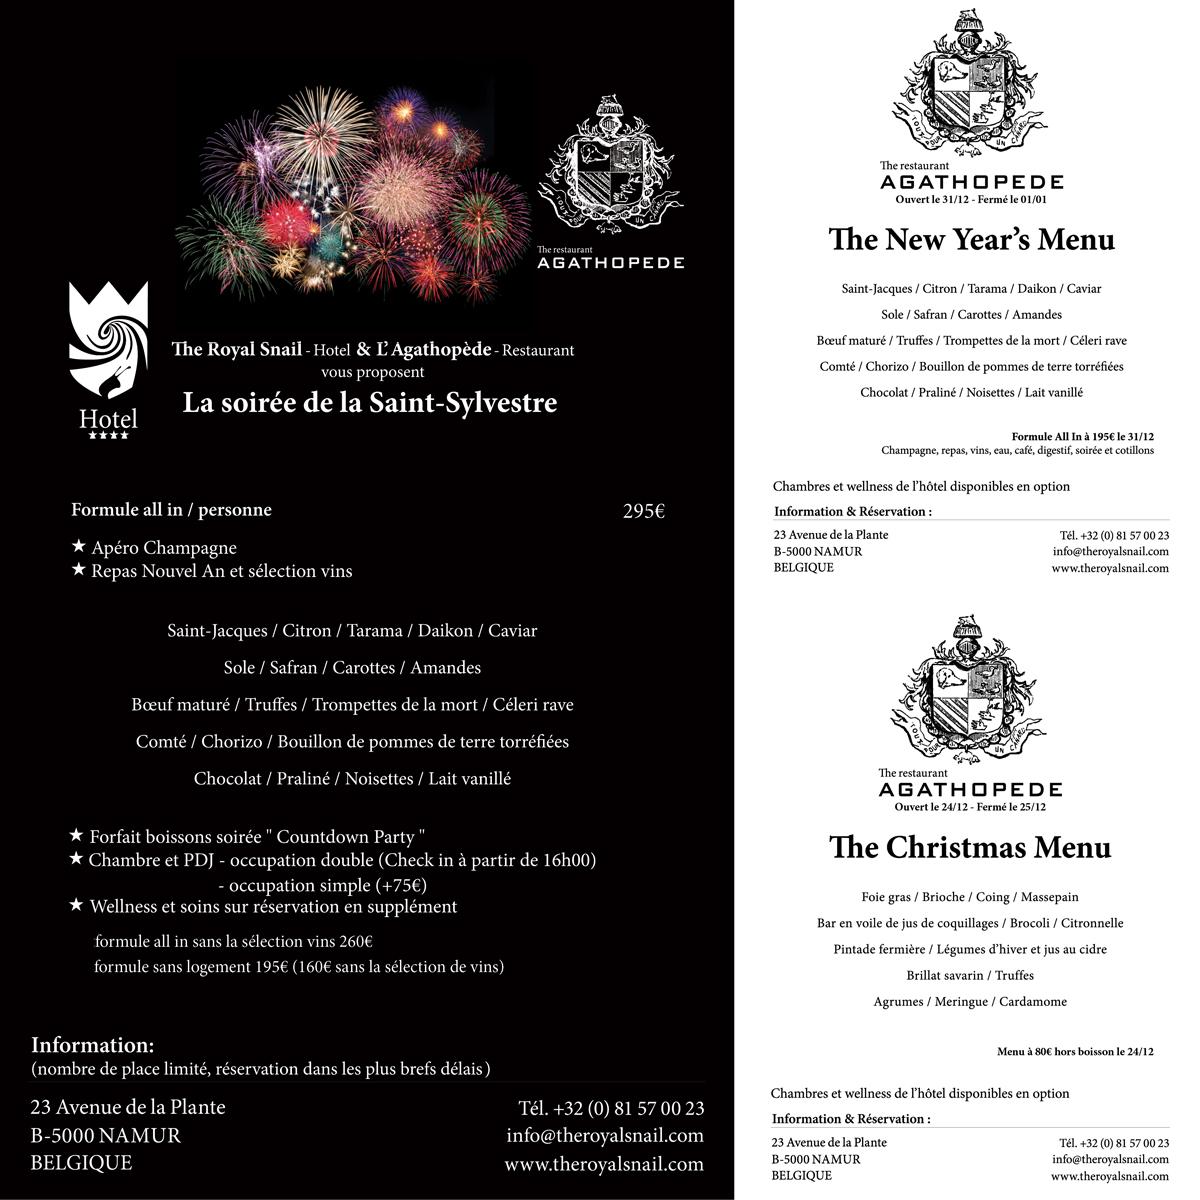 Les Dernires Nouvelles Du Royal Snail Hotel Promotions